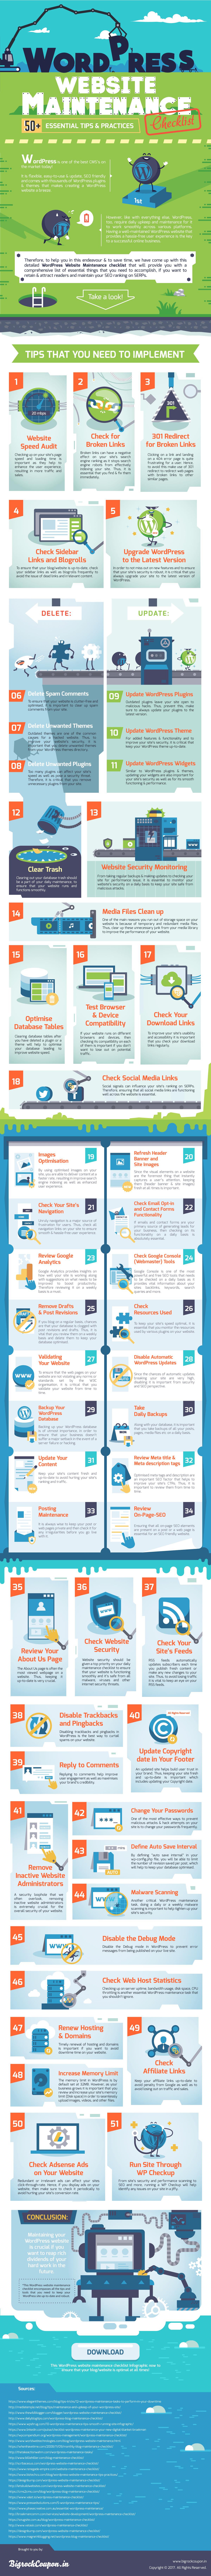 WordPress-Website-Maintenance-Checklist-Infographic